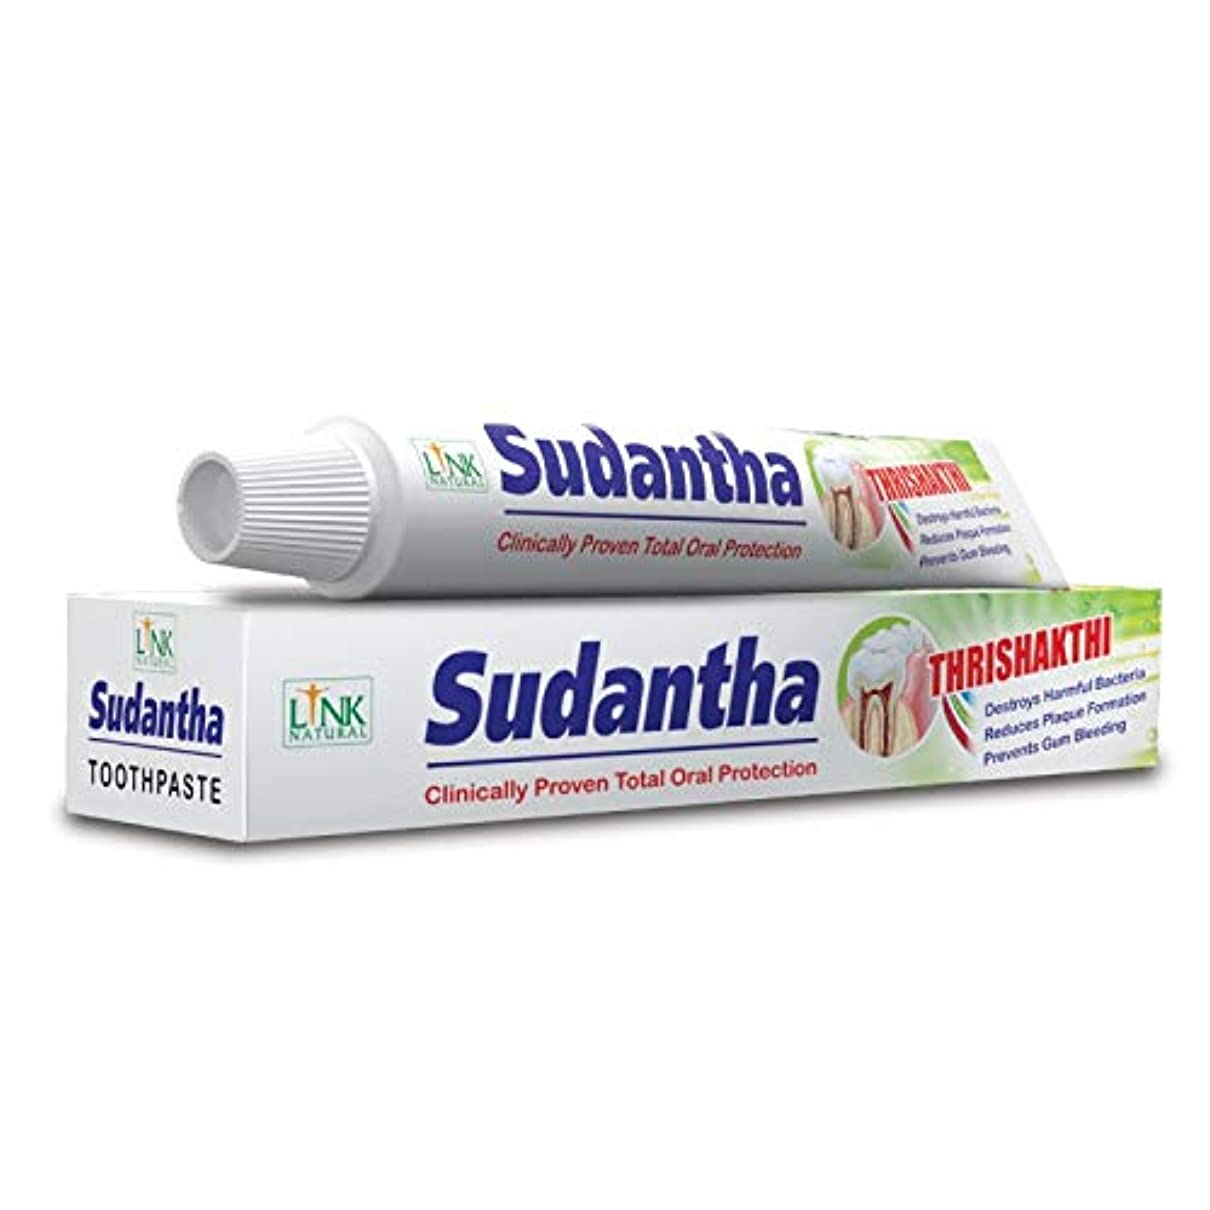 クレア東ティモールアフリカ2 x 80 g リンクSudanthaホメオパシーHerbal Toothpaste for合計Oral保護